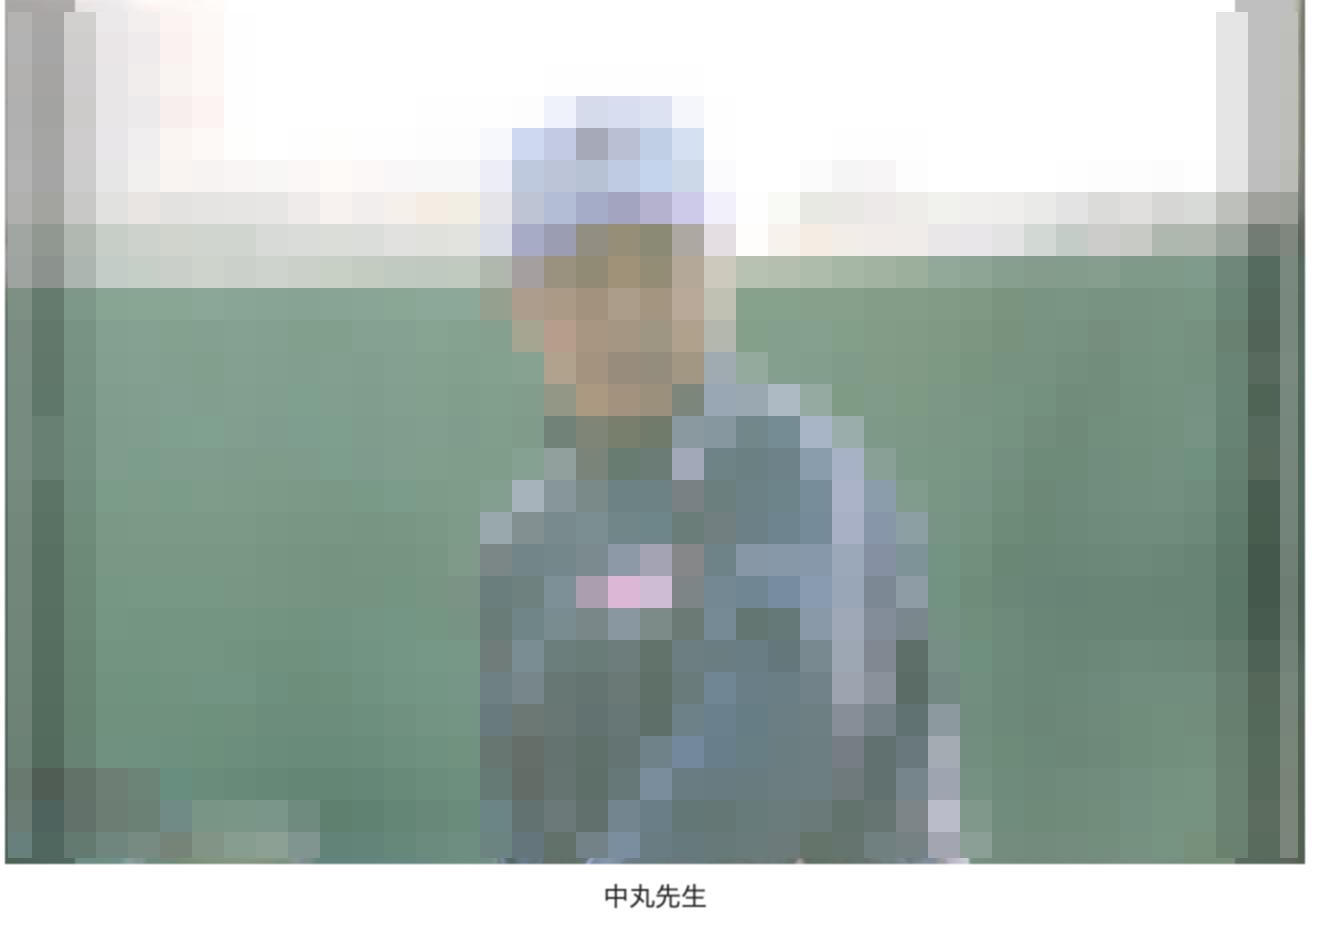 藤嶺藤沢高校野球部の監督は中丸洋輔?